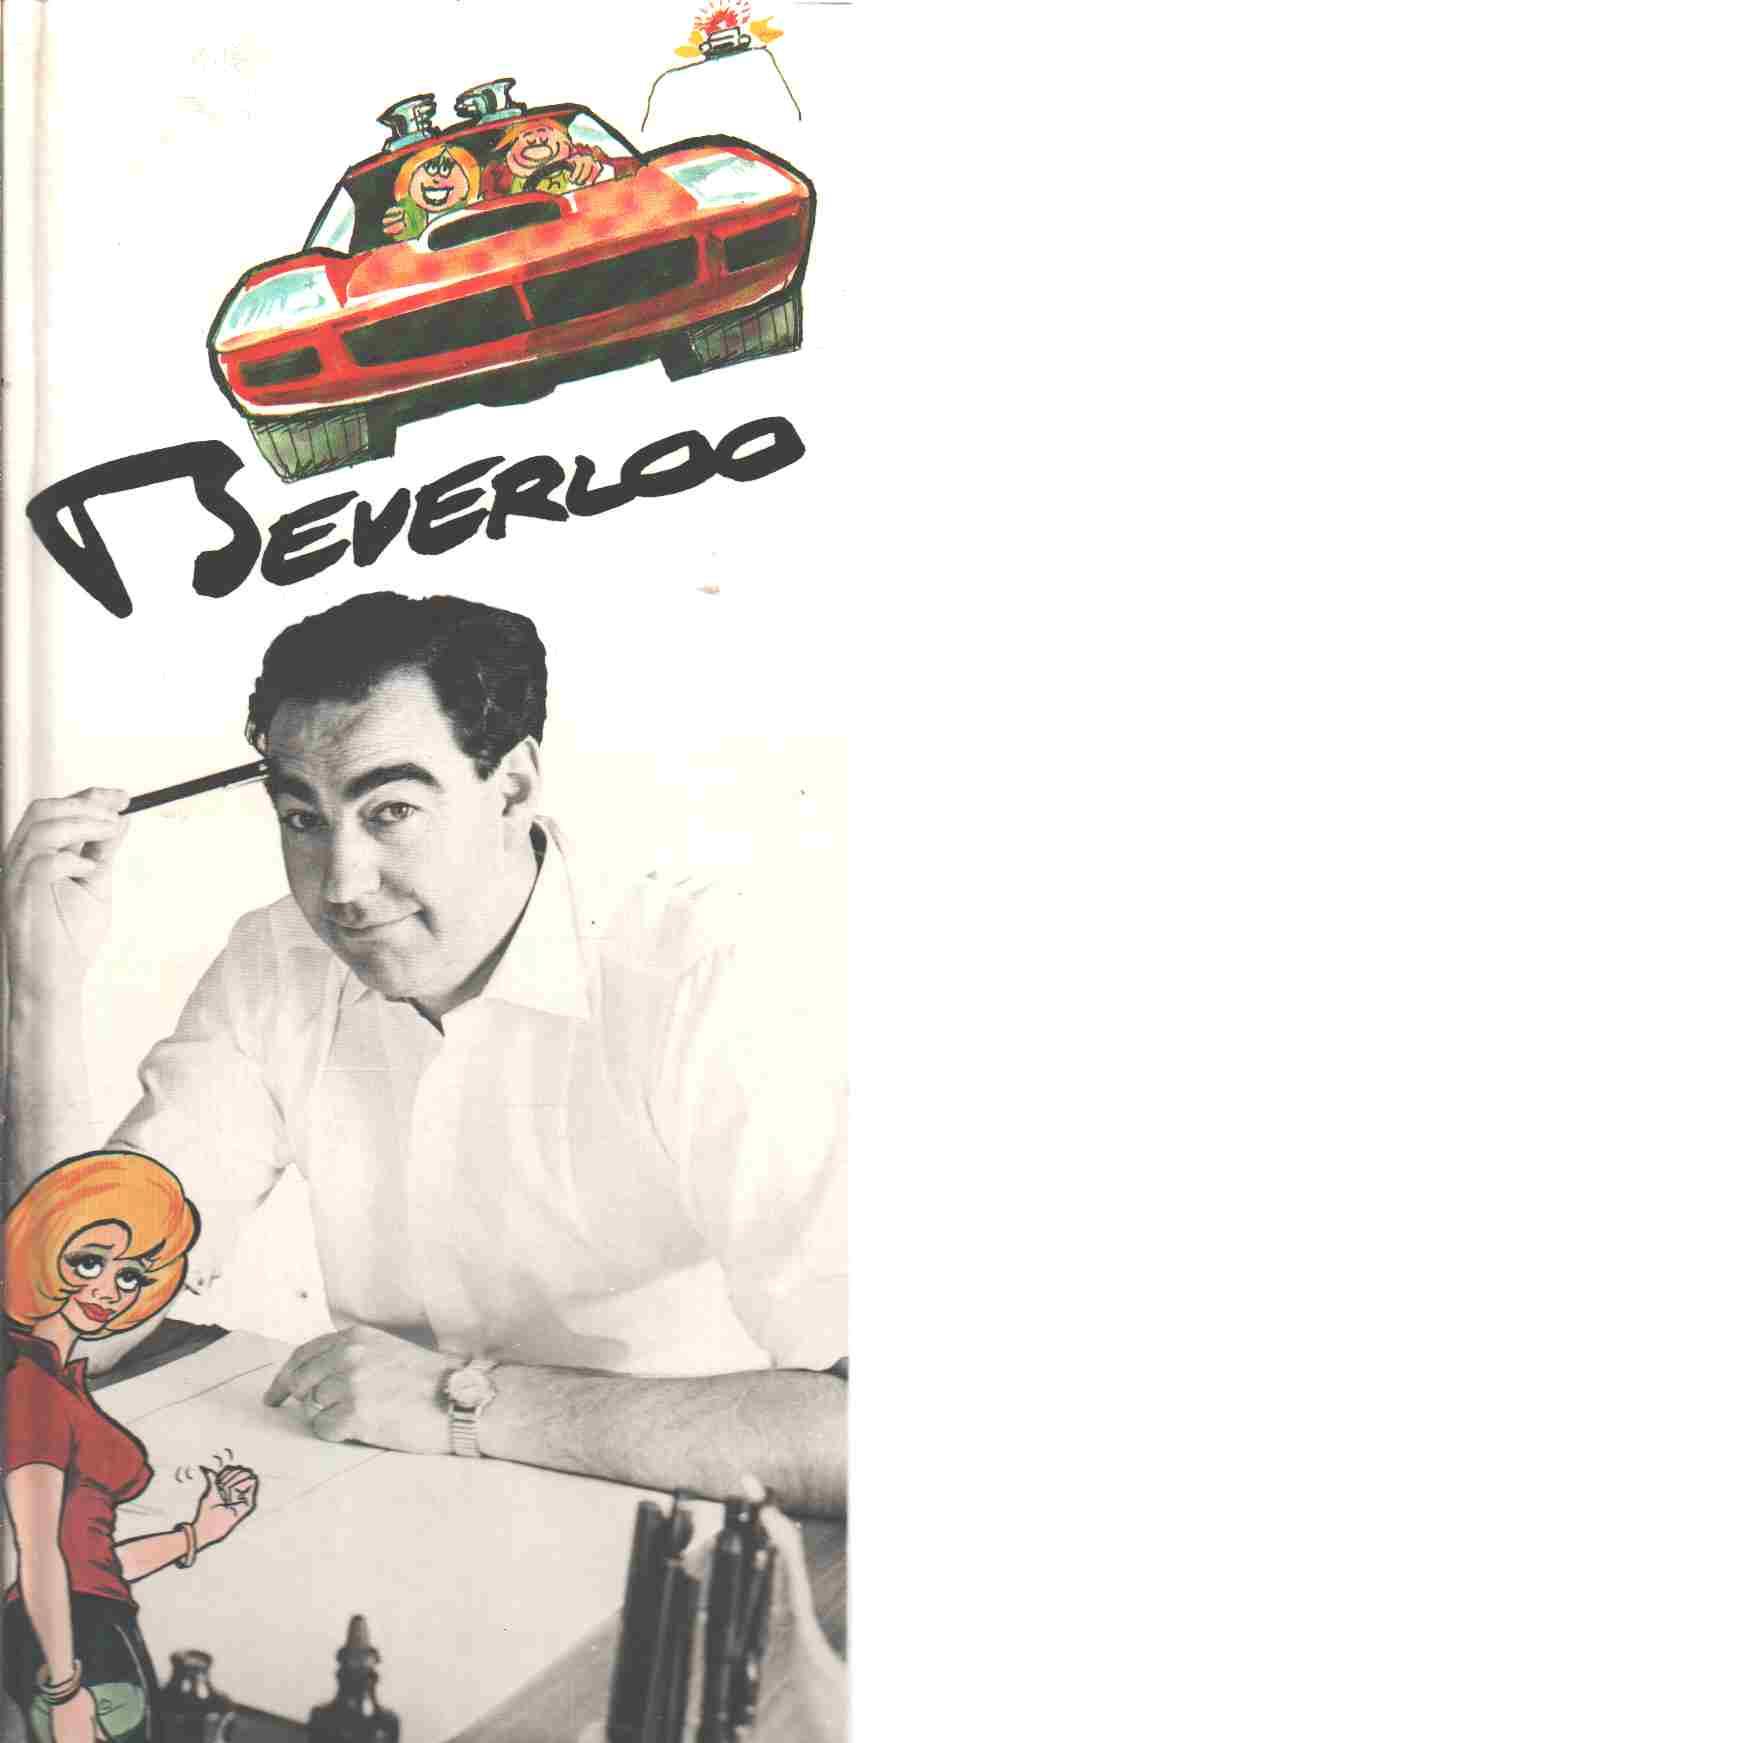 Beverloo - Beverloo, George